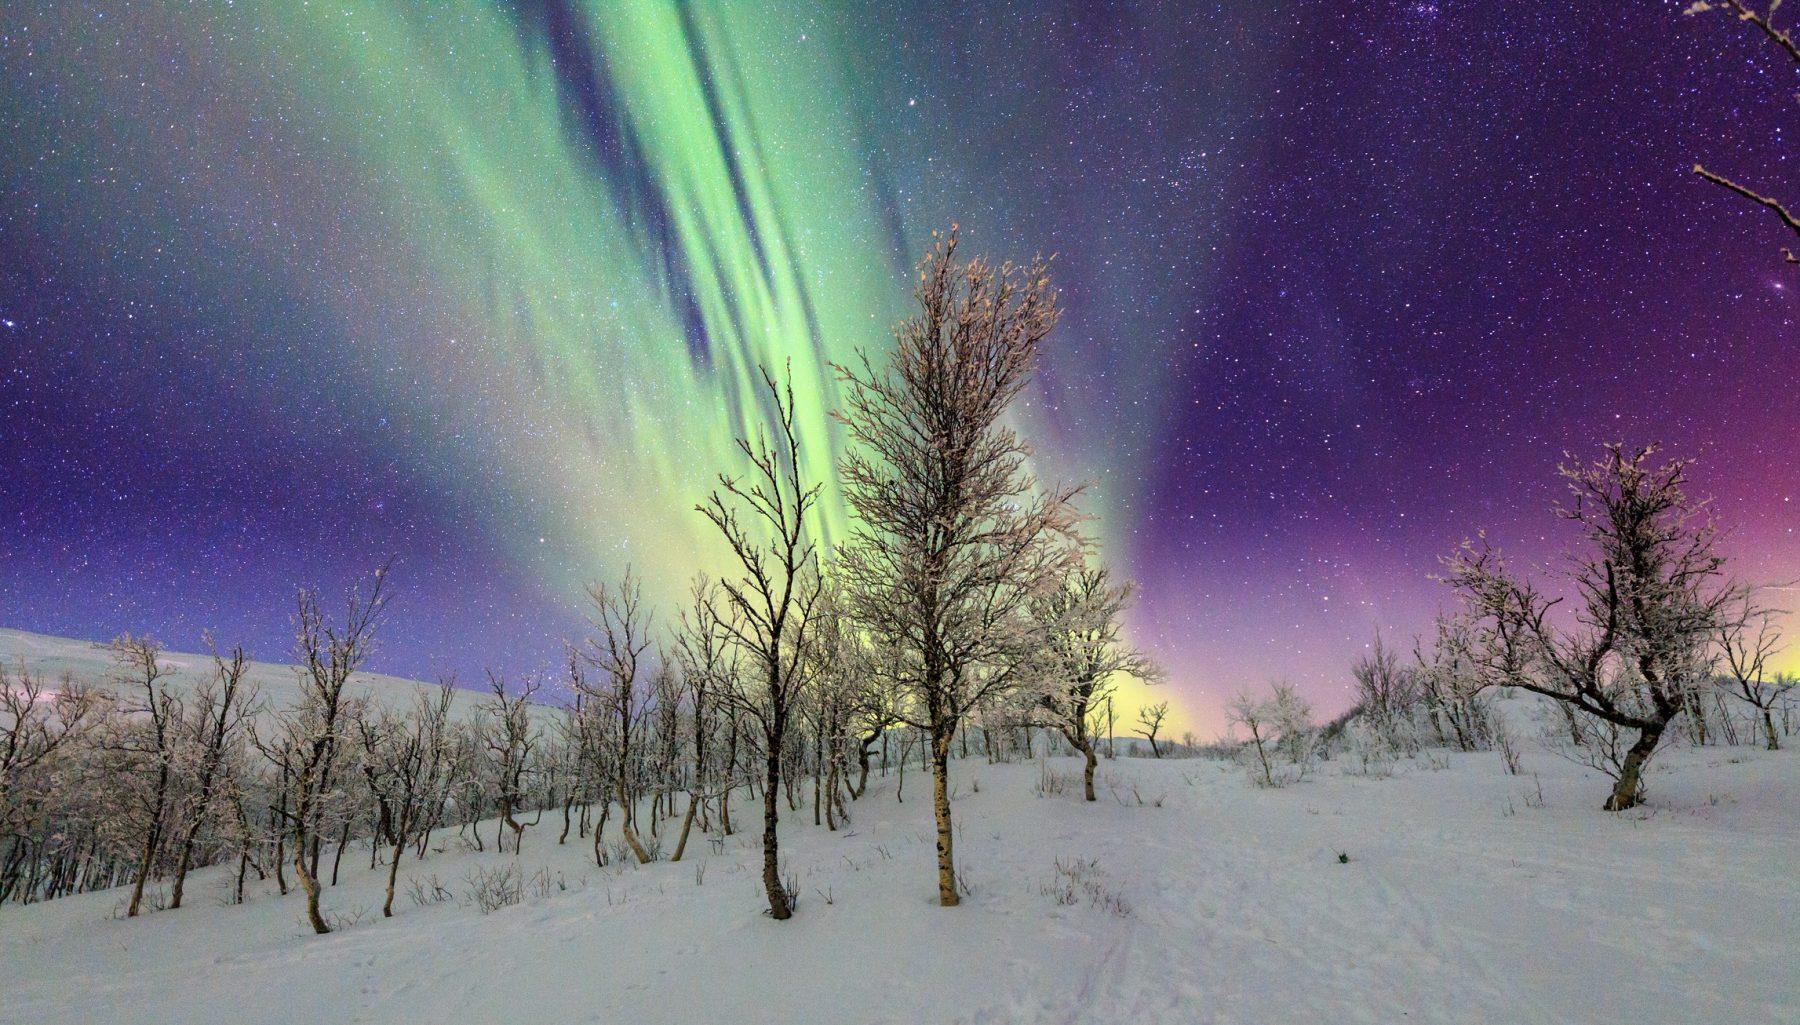 Deze vakantie in Lapland zit vól winters avontuur (en je kunt er nu met korting heen)